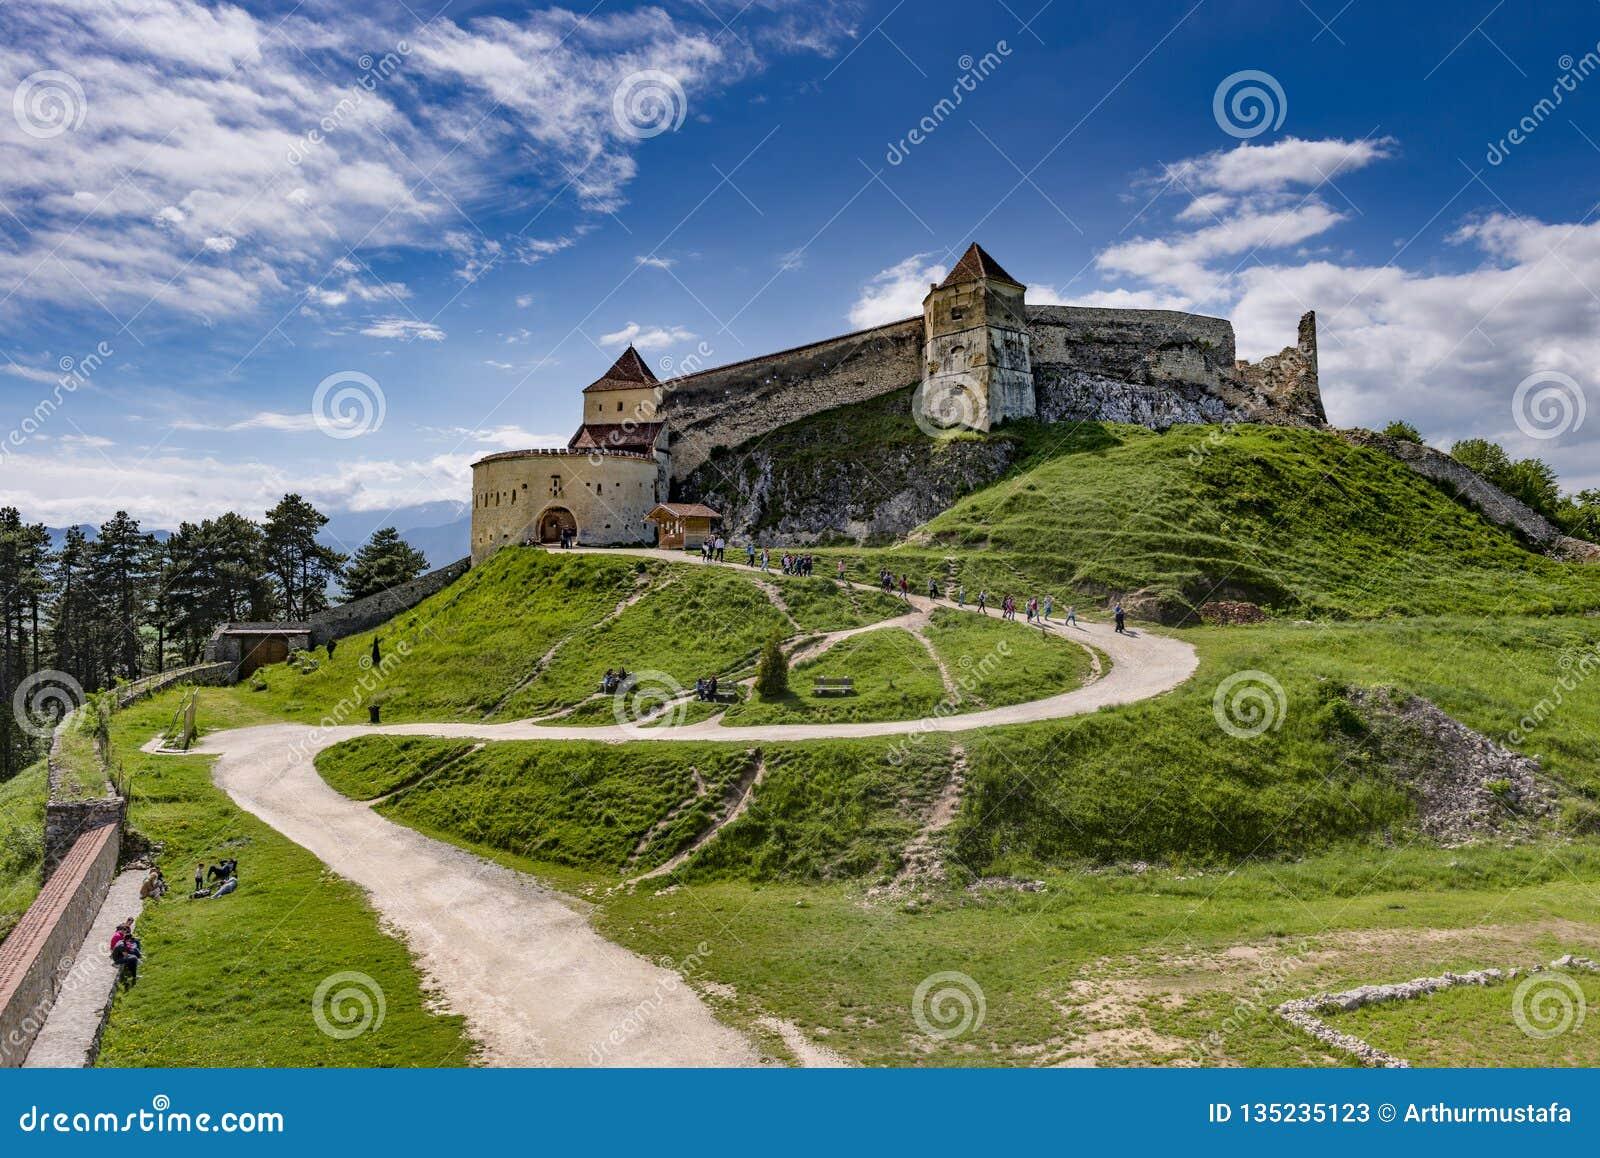 Rasnov, Rumänien - Mai 2017: Breite Ansicht des inneren Hofes der Rasnov-Zitadelle in Brasov-Grafschaft Rumänien